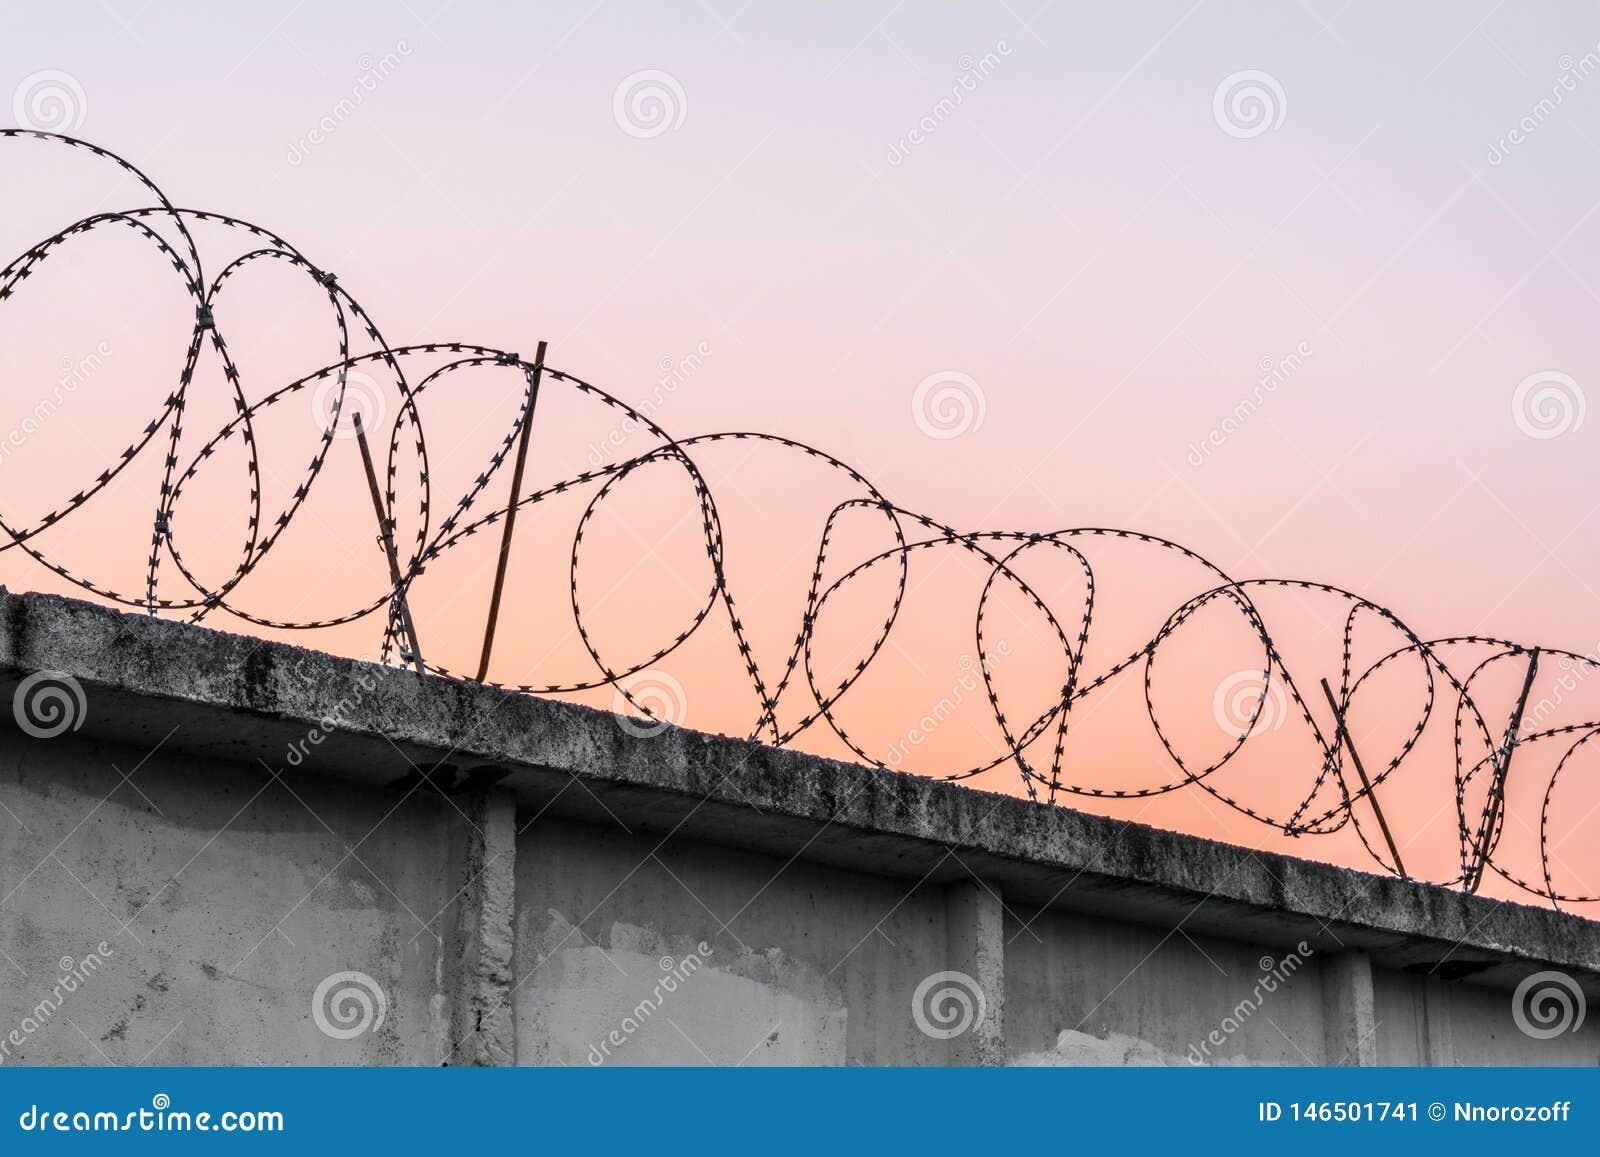 Concrete muur met prikkeldraad tegen een blauwe oranje avondhemel